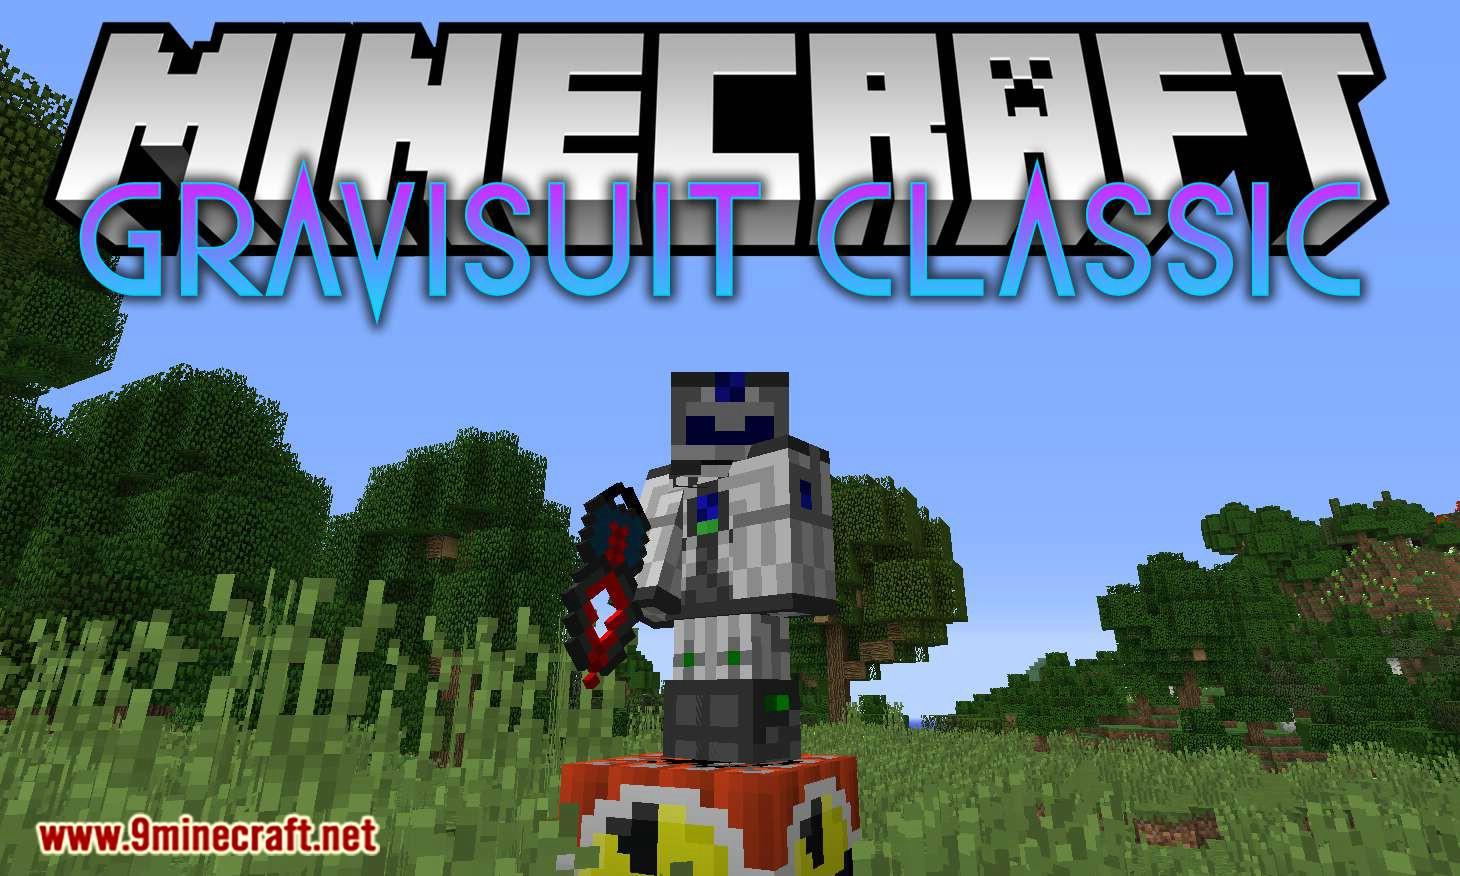 Gravisuit Classic mod for minecraft logo